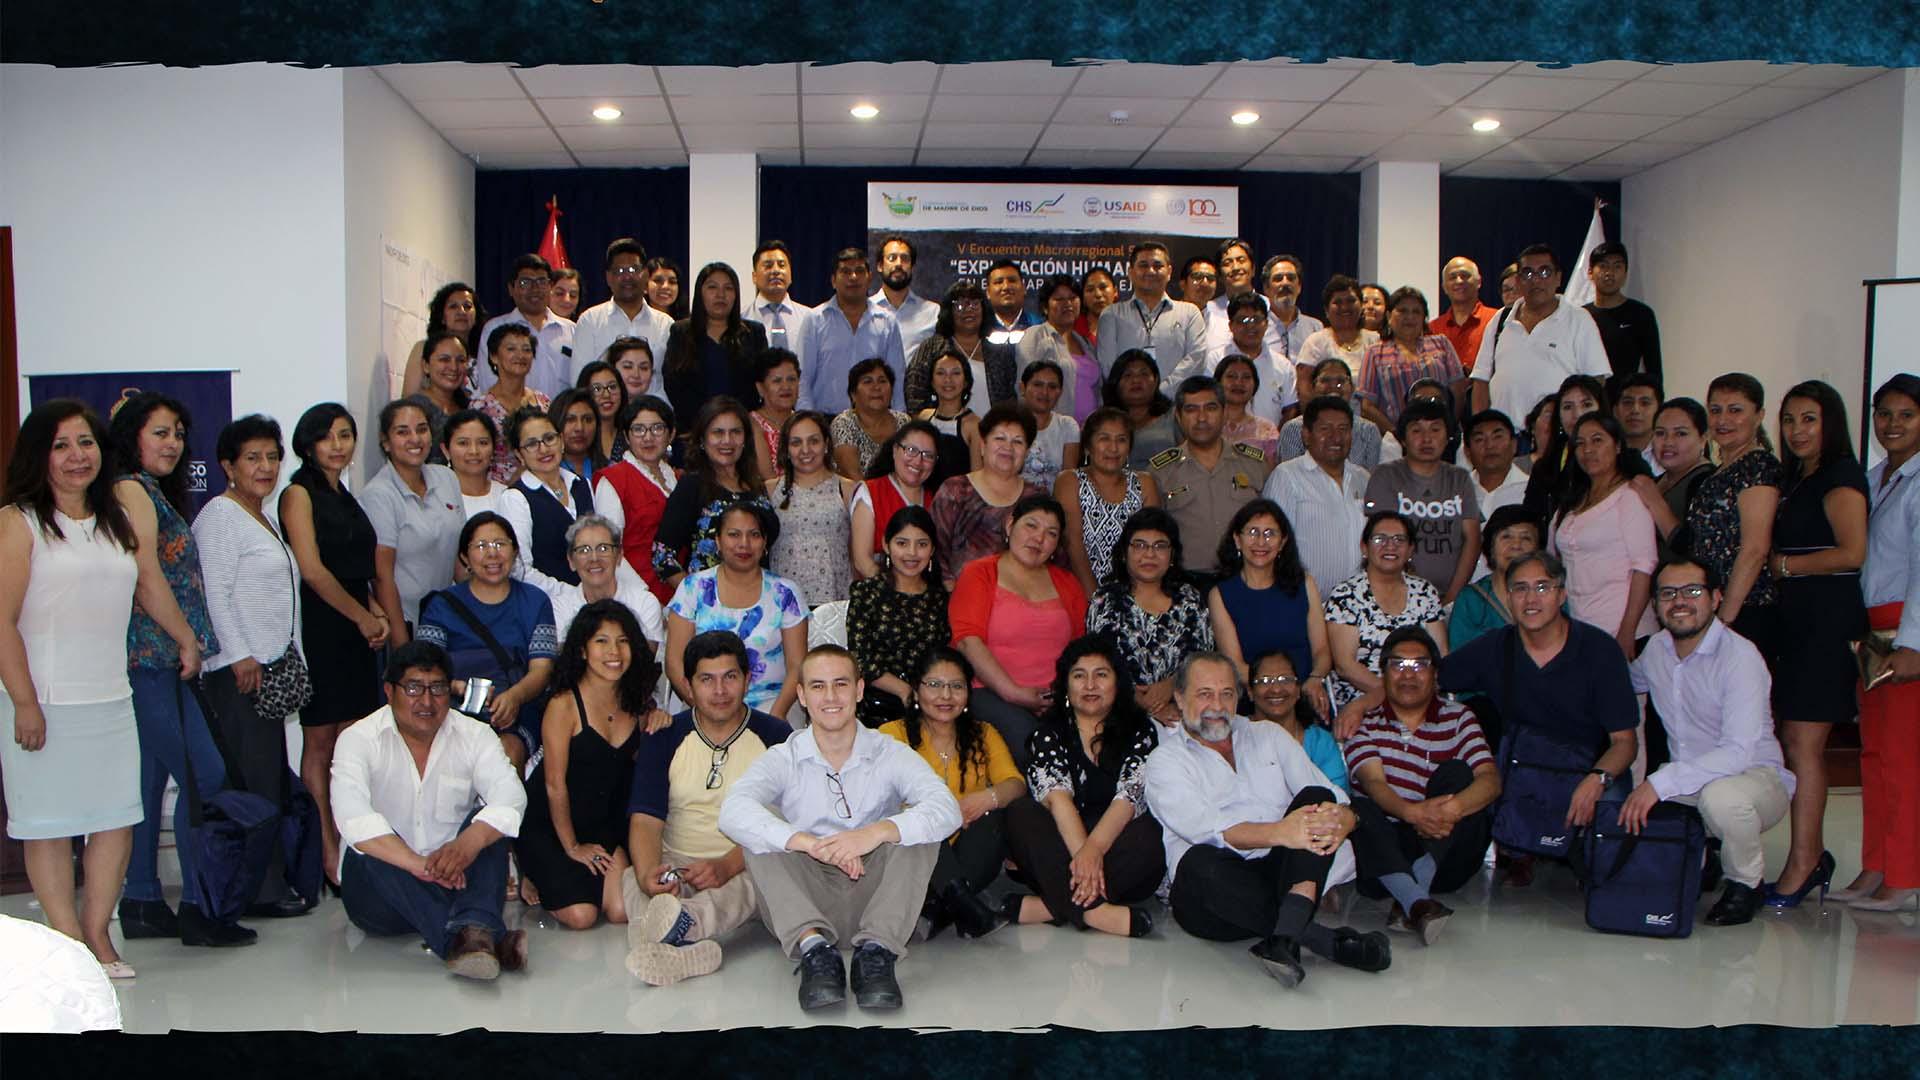 V Encuentro Macrorregional Sur: Trabajo en equipo para combatir la explotación humana y la trata de personas